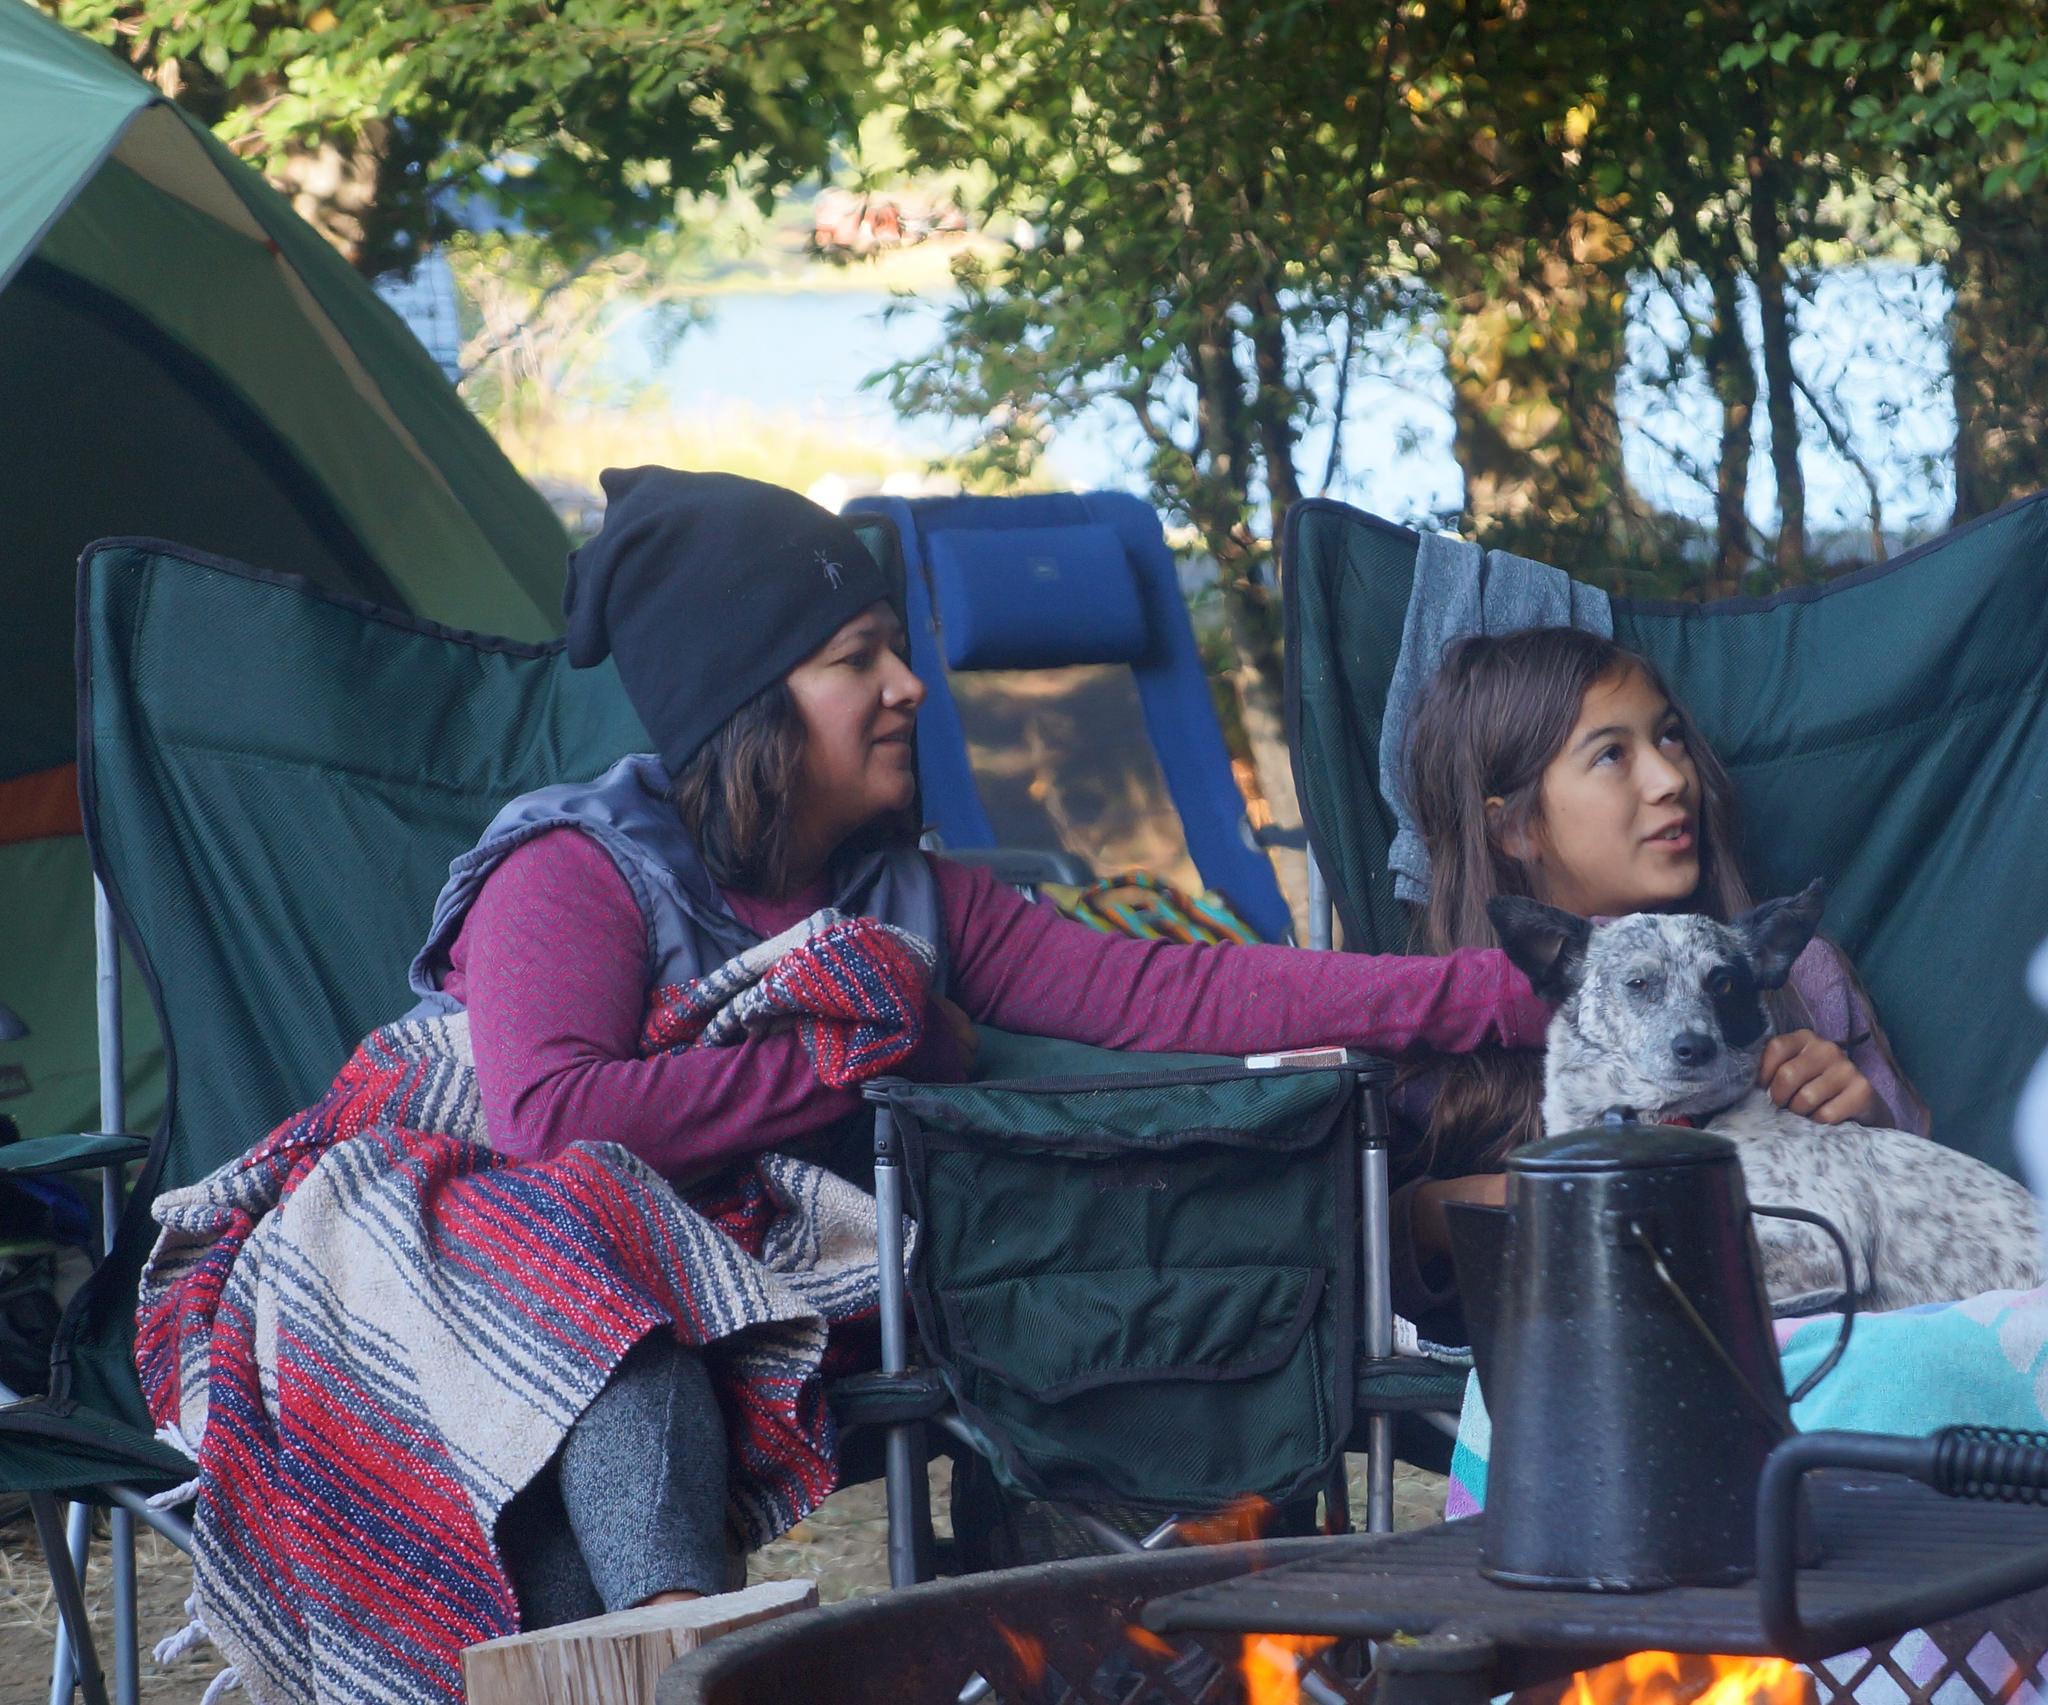 Camping at Lake Crescent